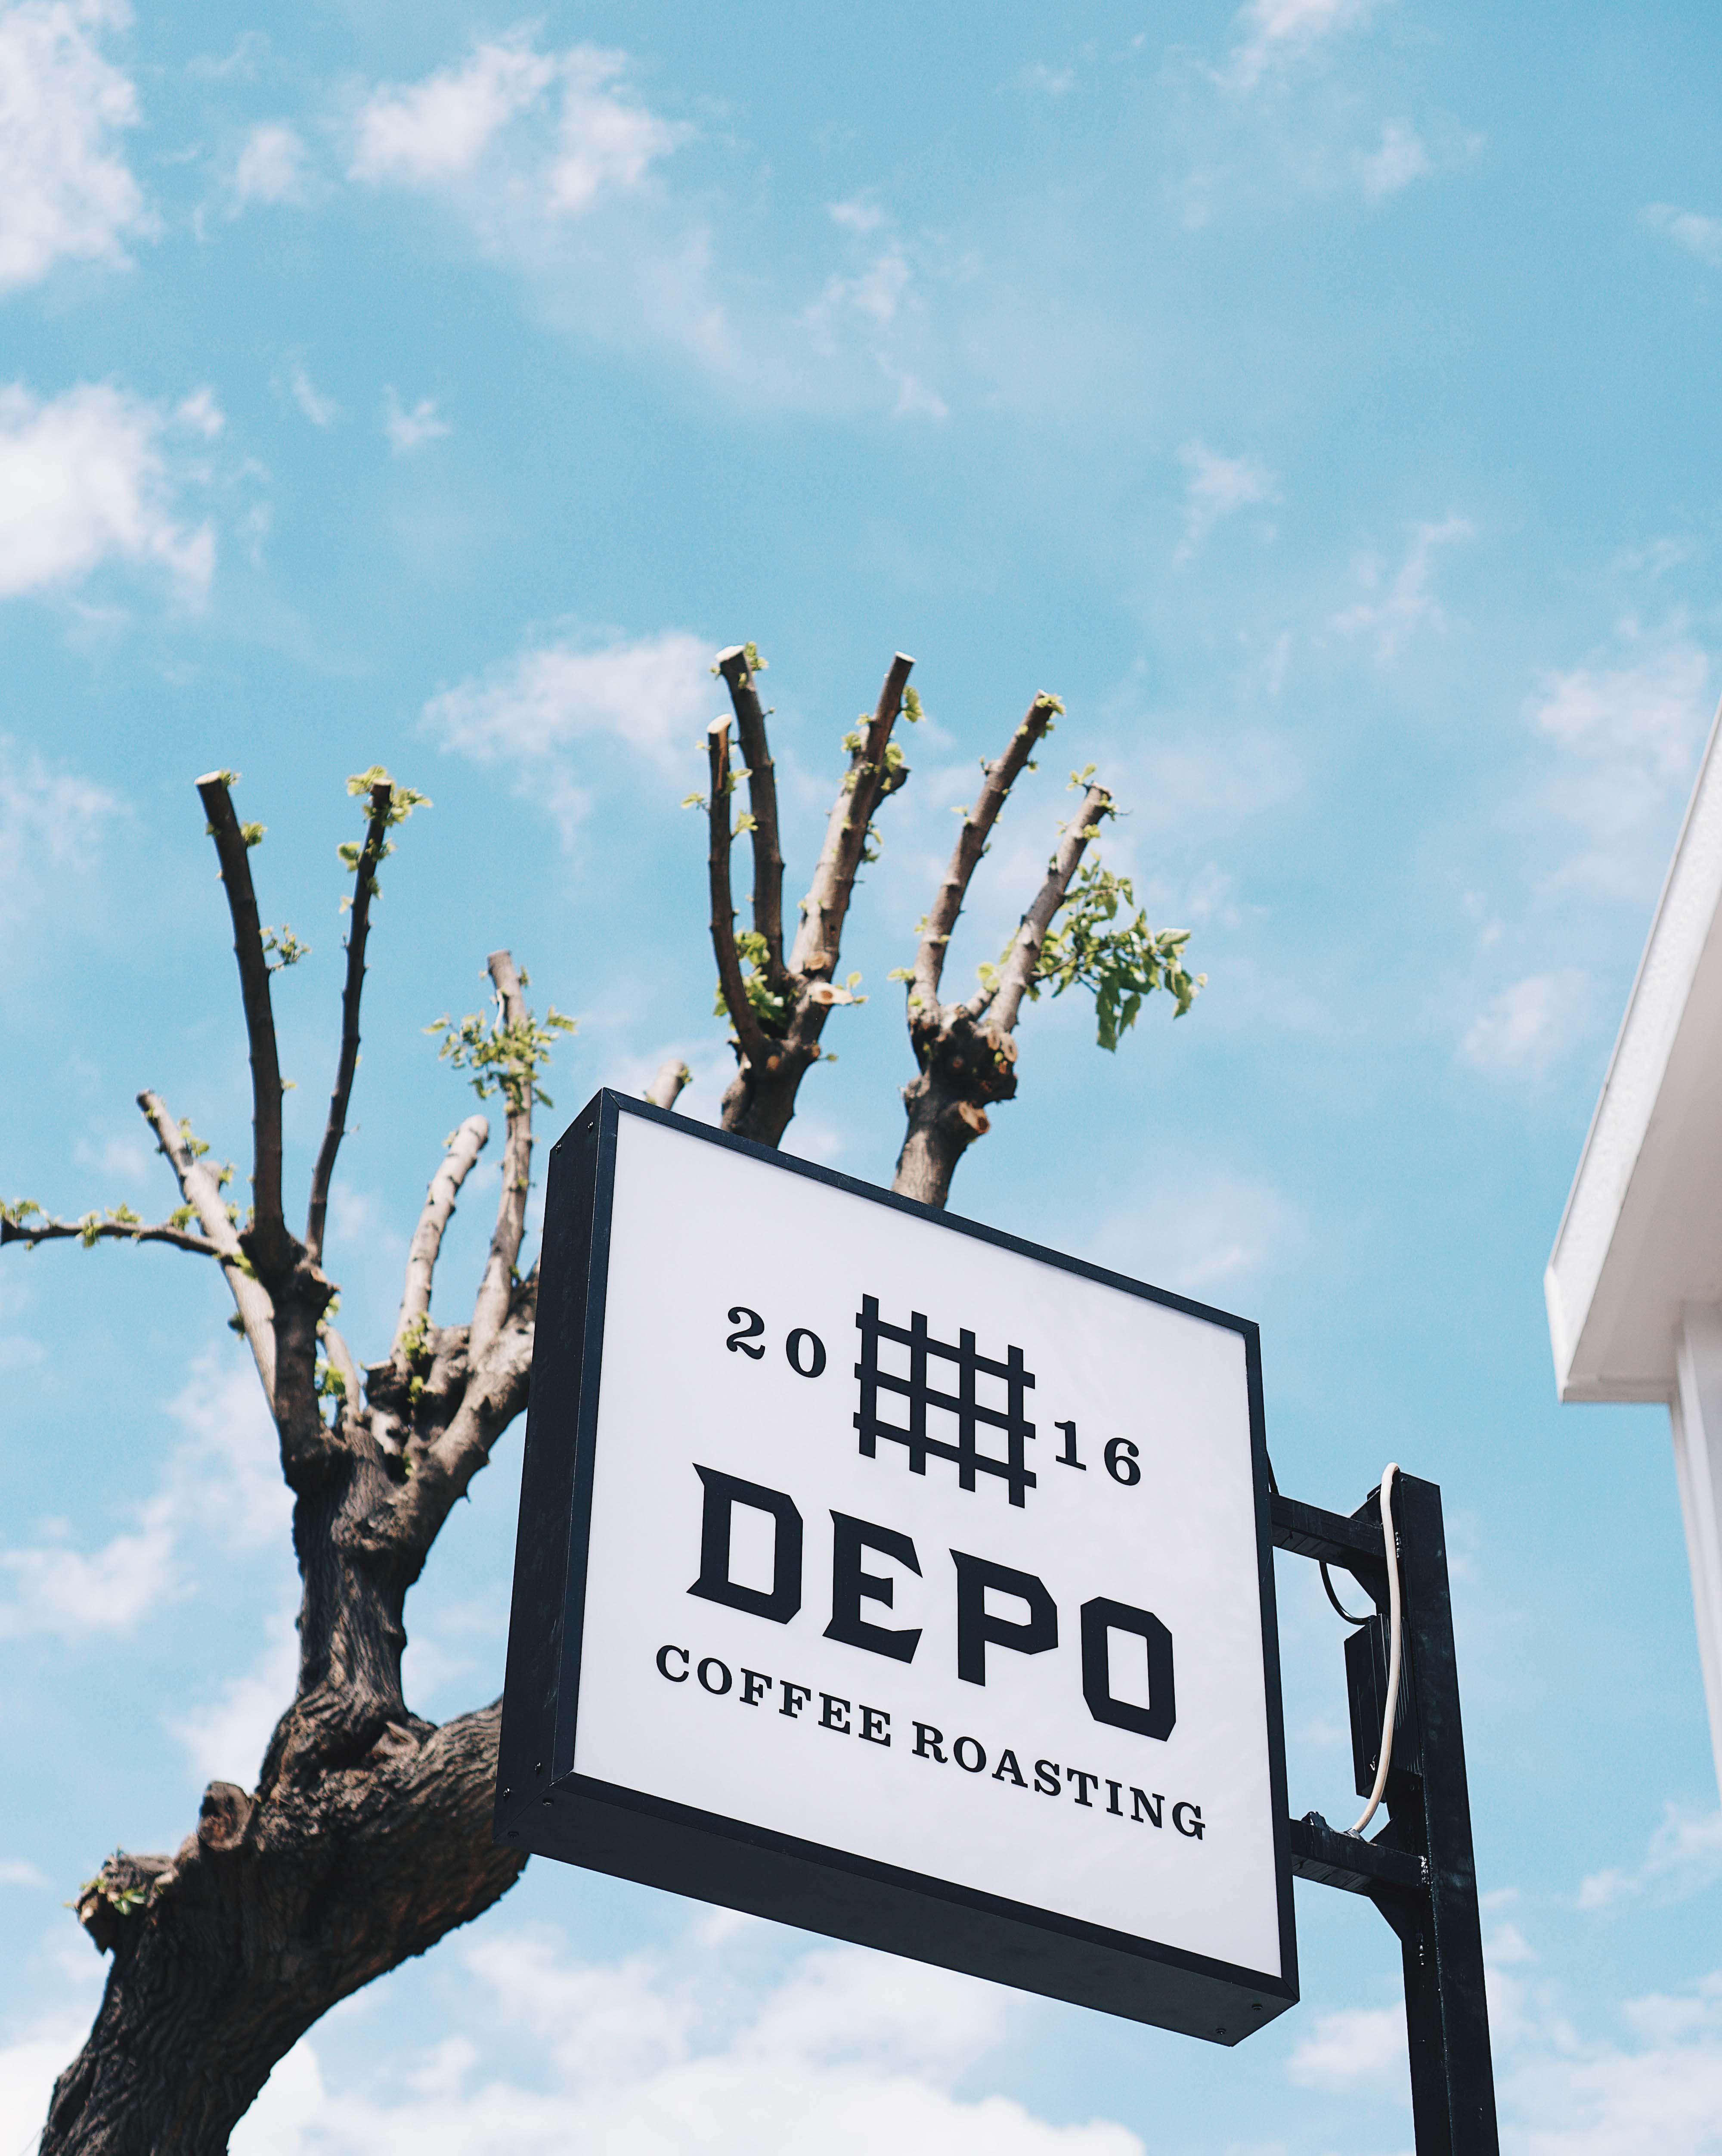 Depo Coffee Roasting (Kavacık)